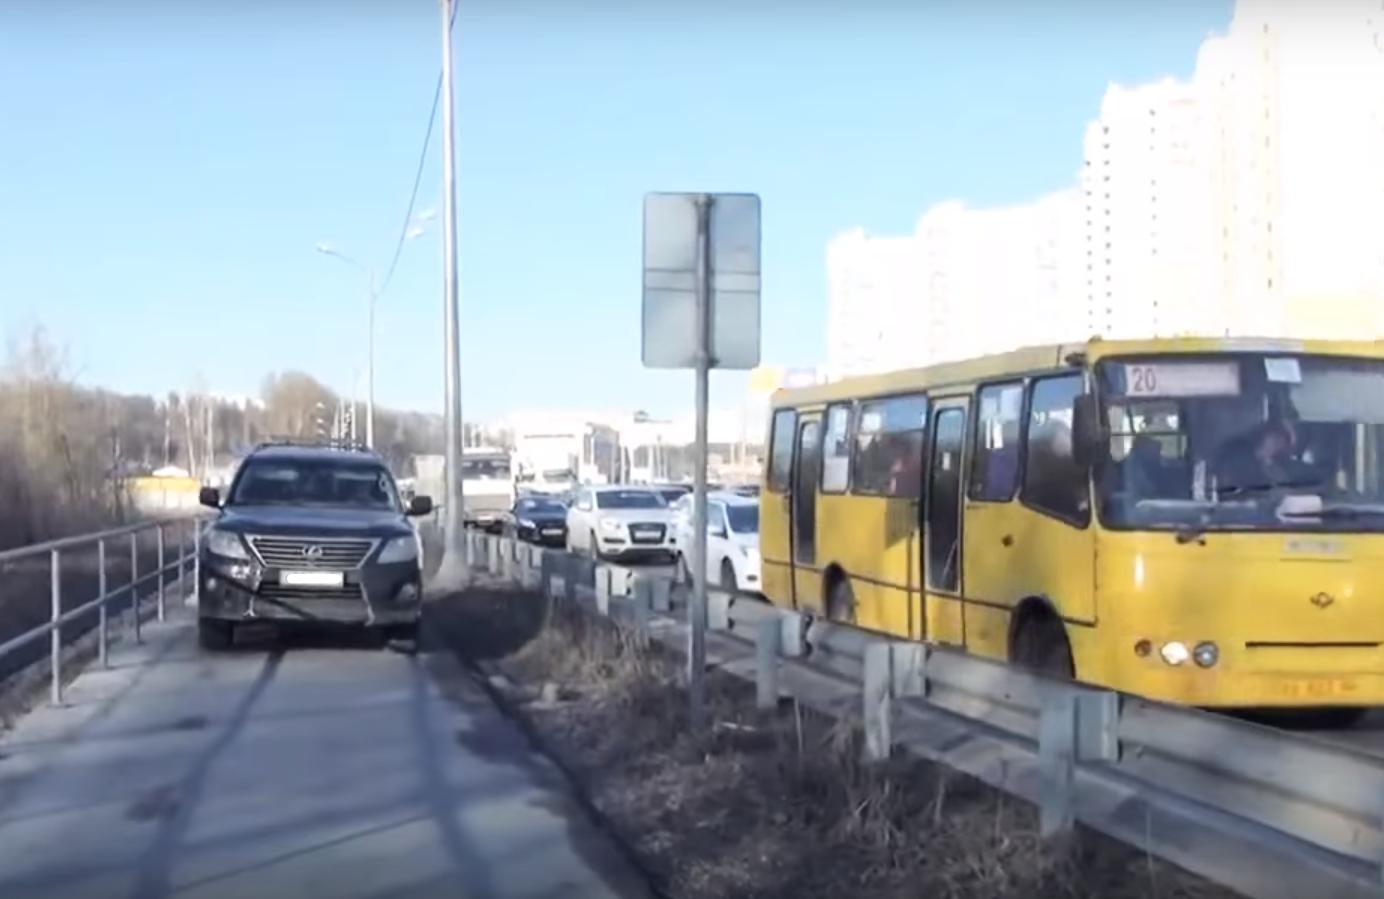 Nekateri vozniki se včasih odločijo, da se bodo prometni konici na vpadnicah izognili kar po pločniku za pešce.